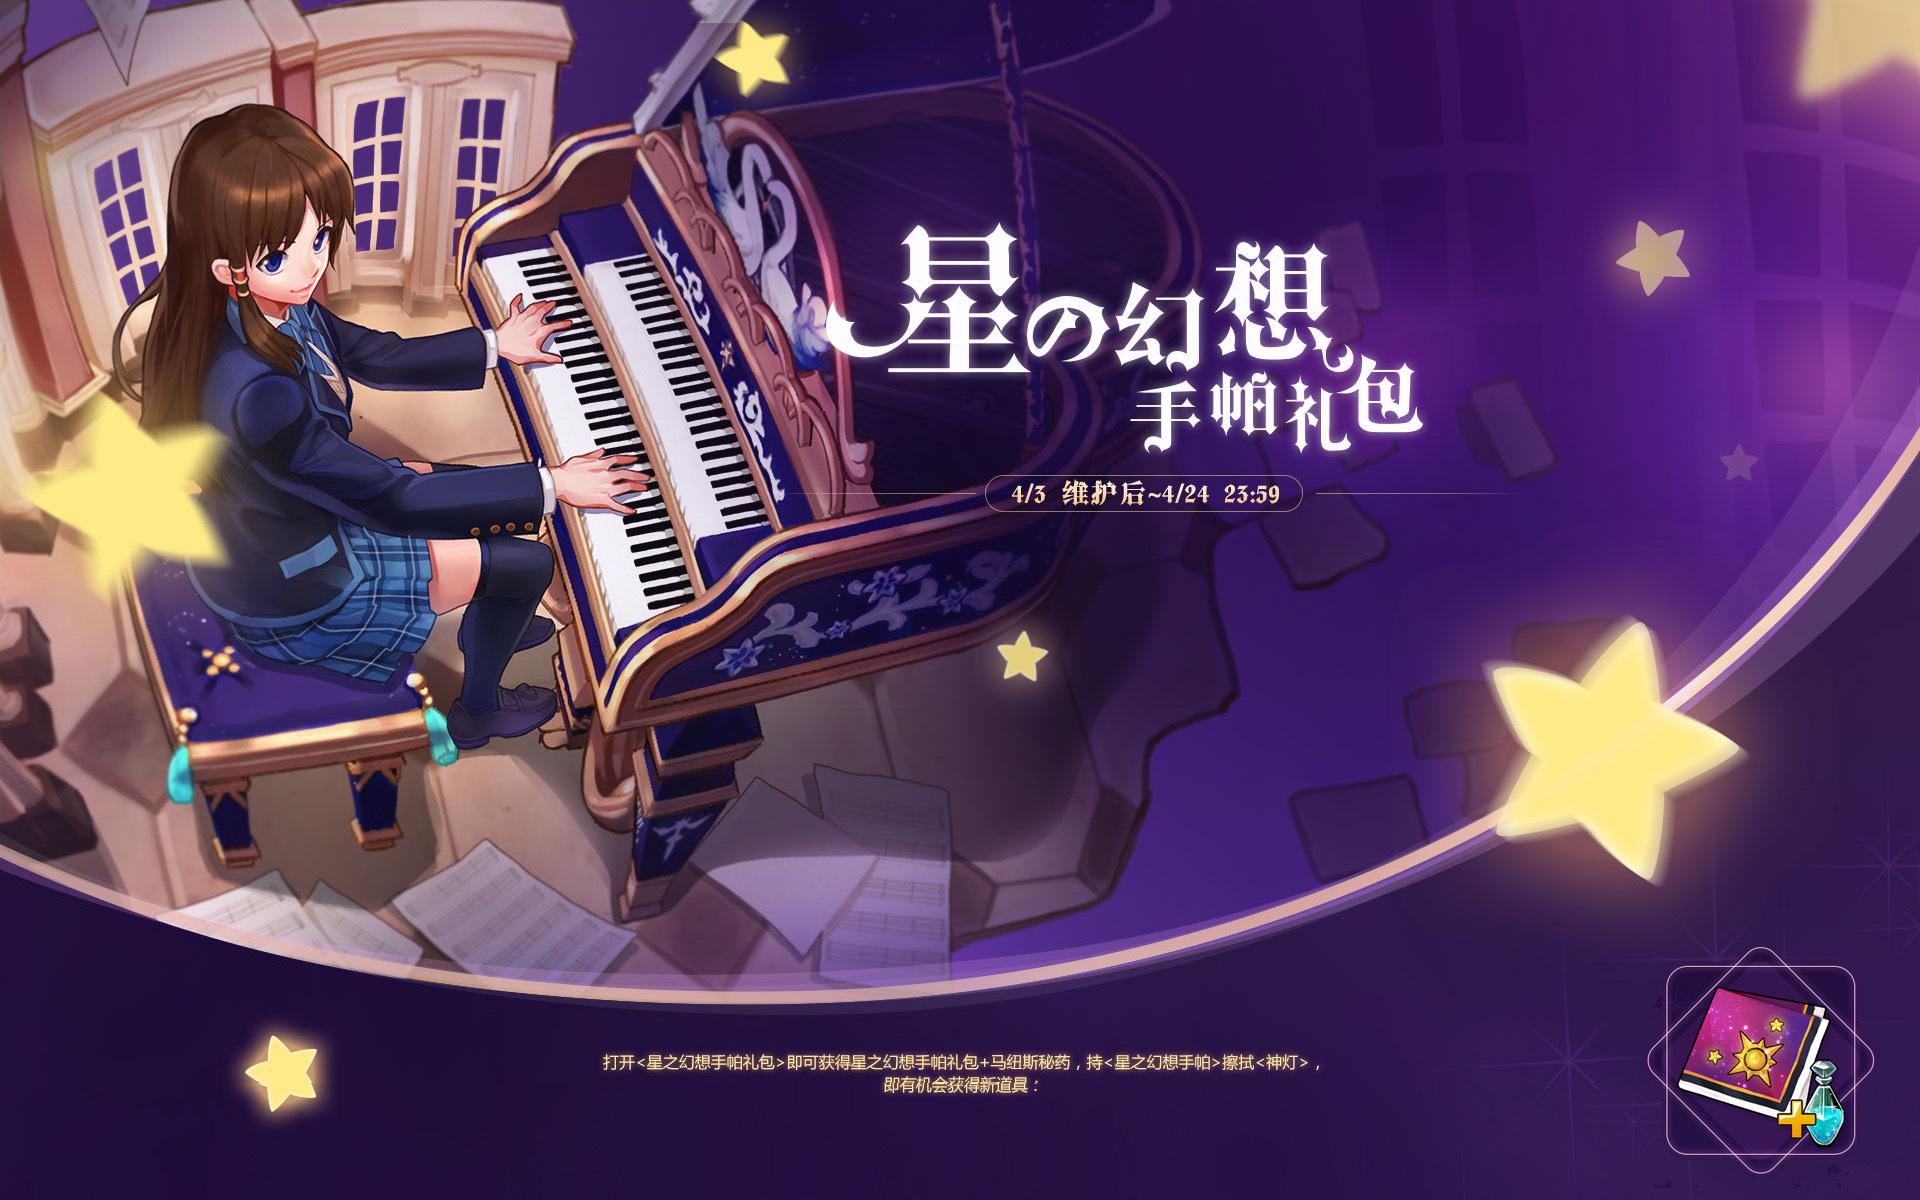 中国マビ190403-1